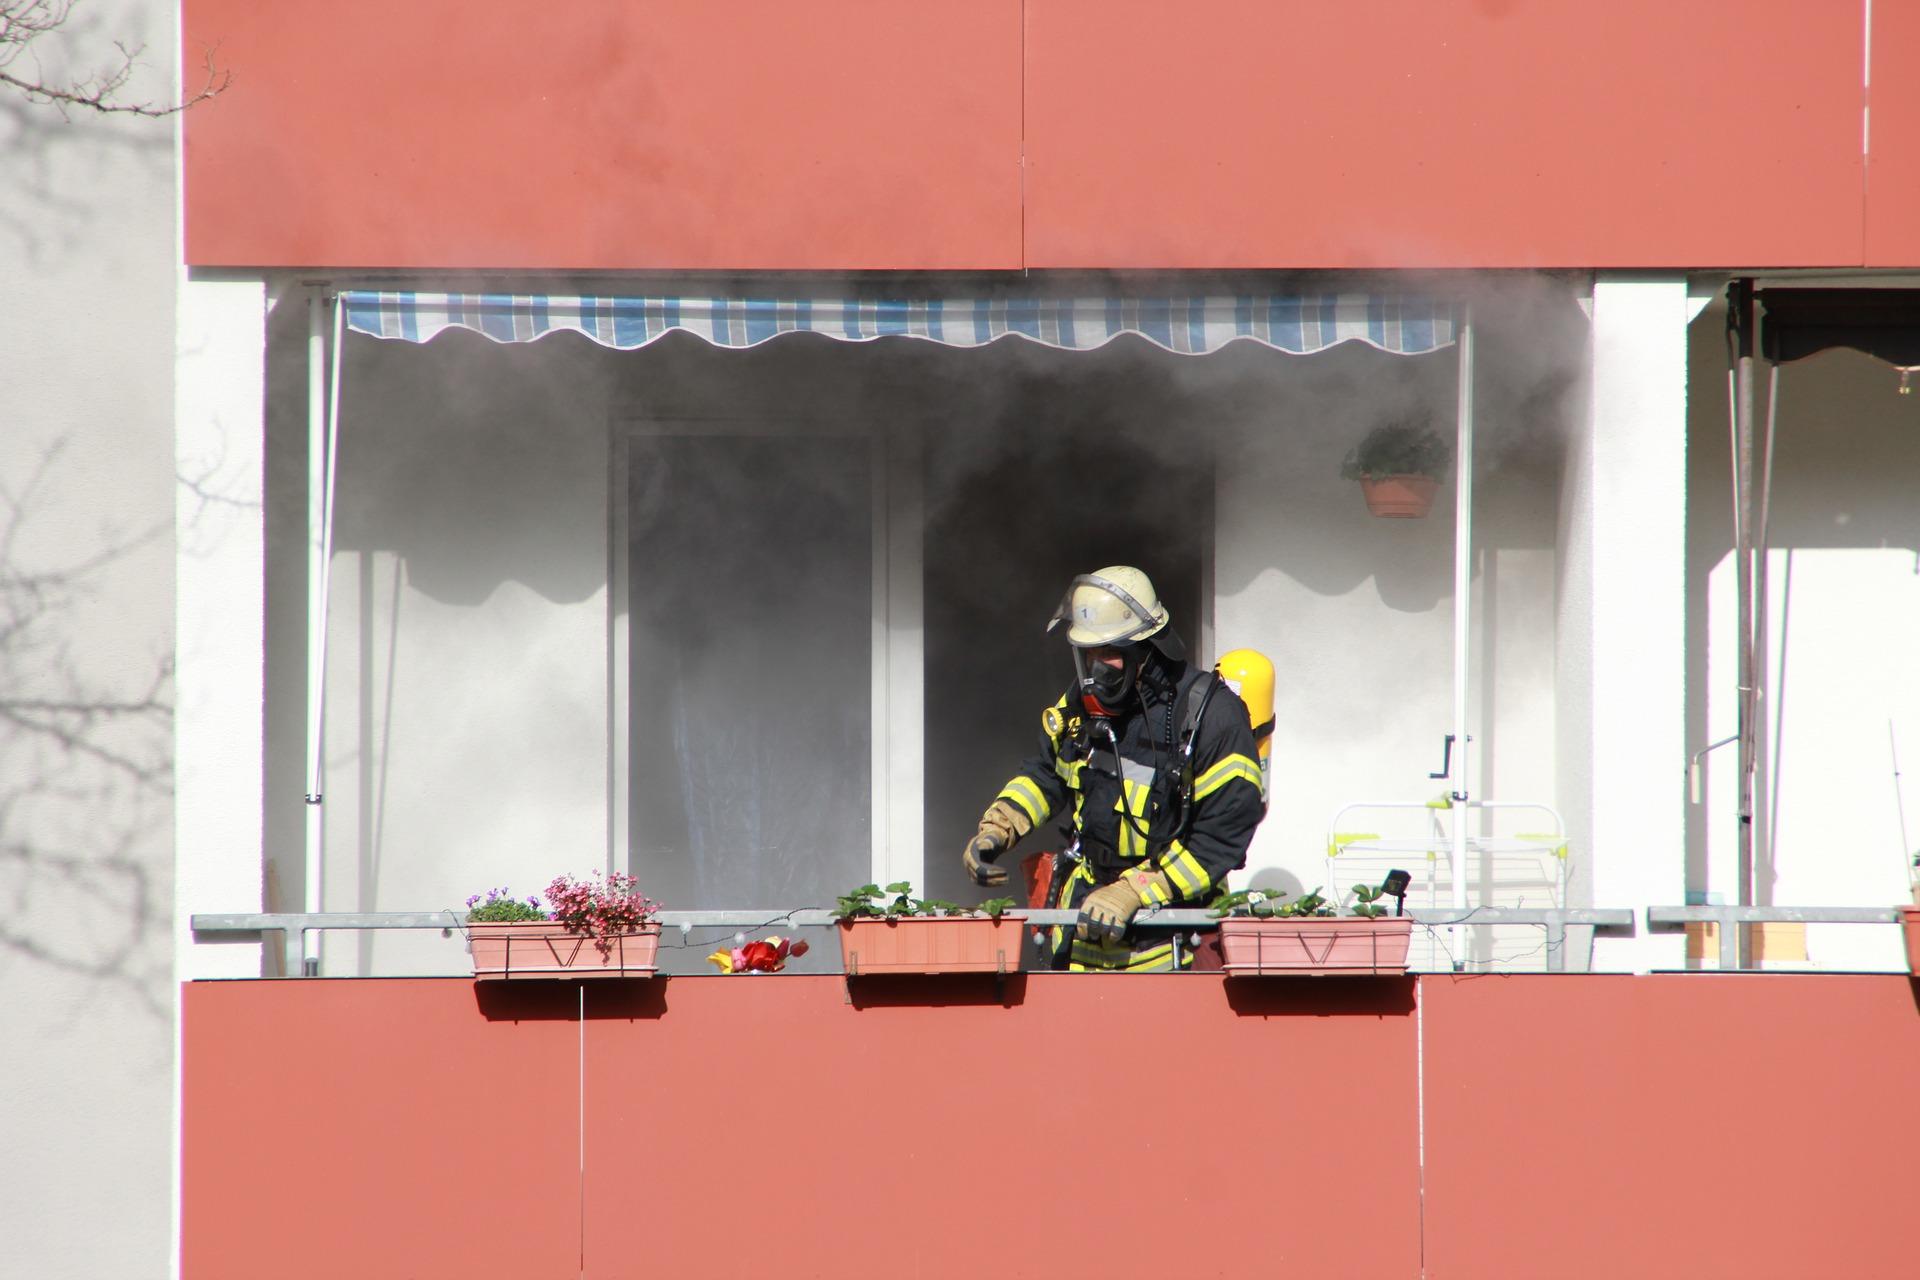 Incendio en instalaciones eléctricas